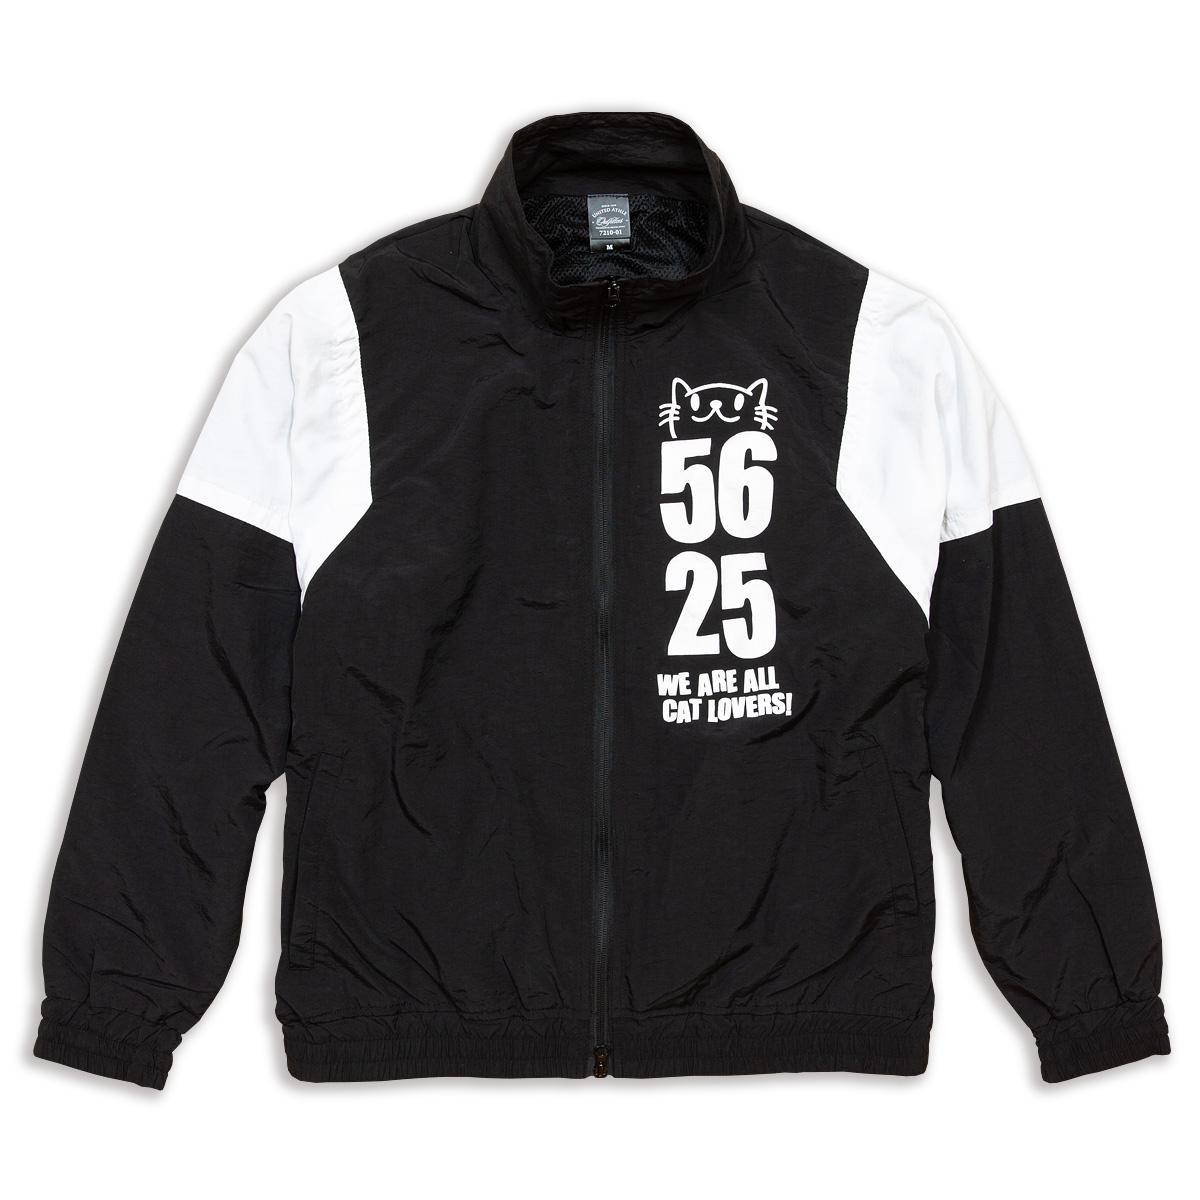 トラックジャケット 5625(前)